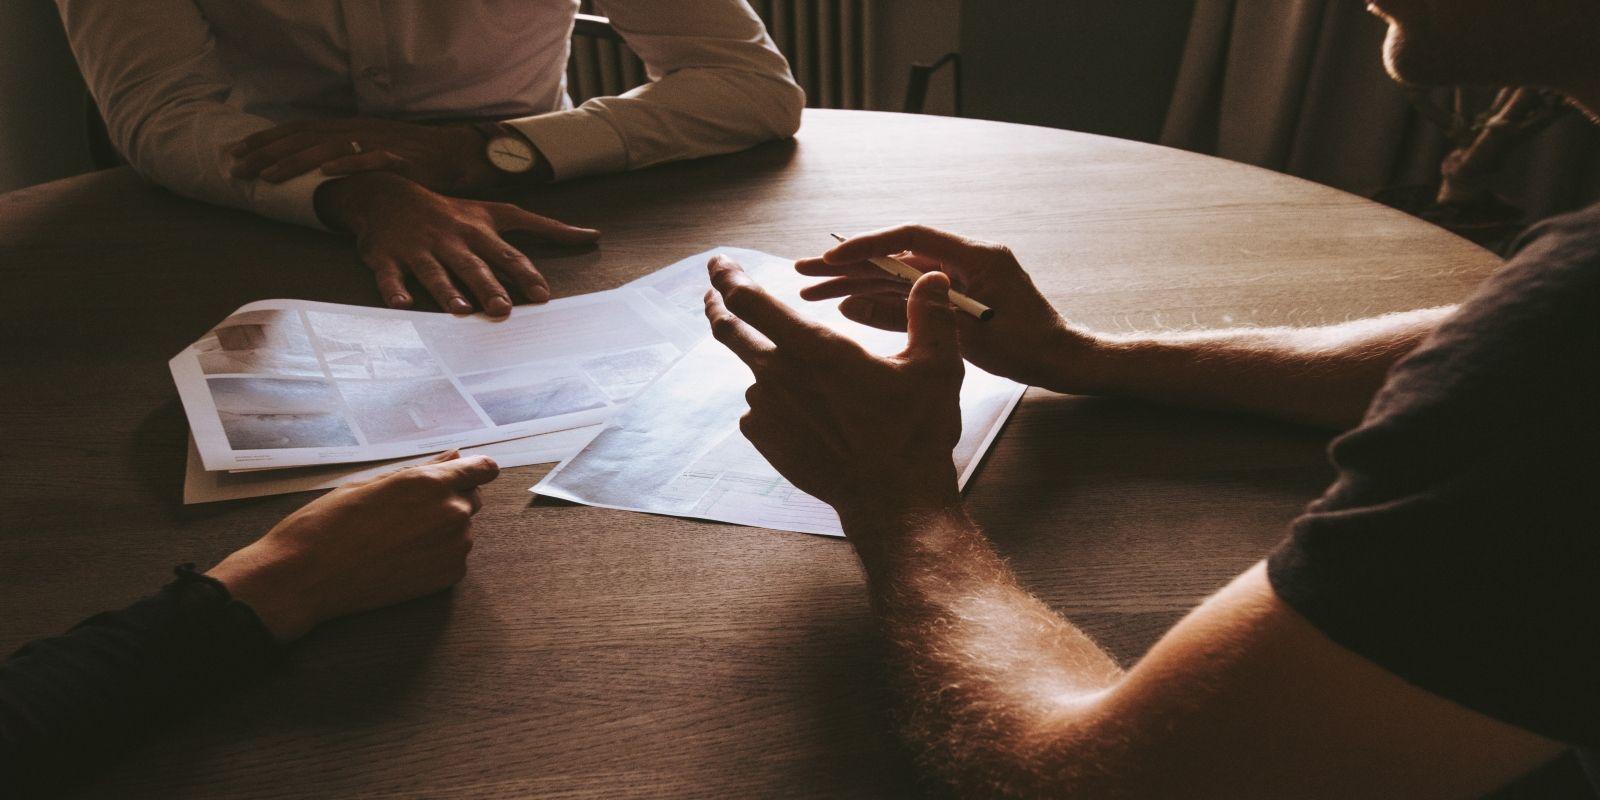 Os desafios da relao cliente-advogado nas startups Lexio